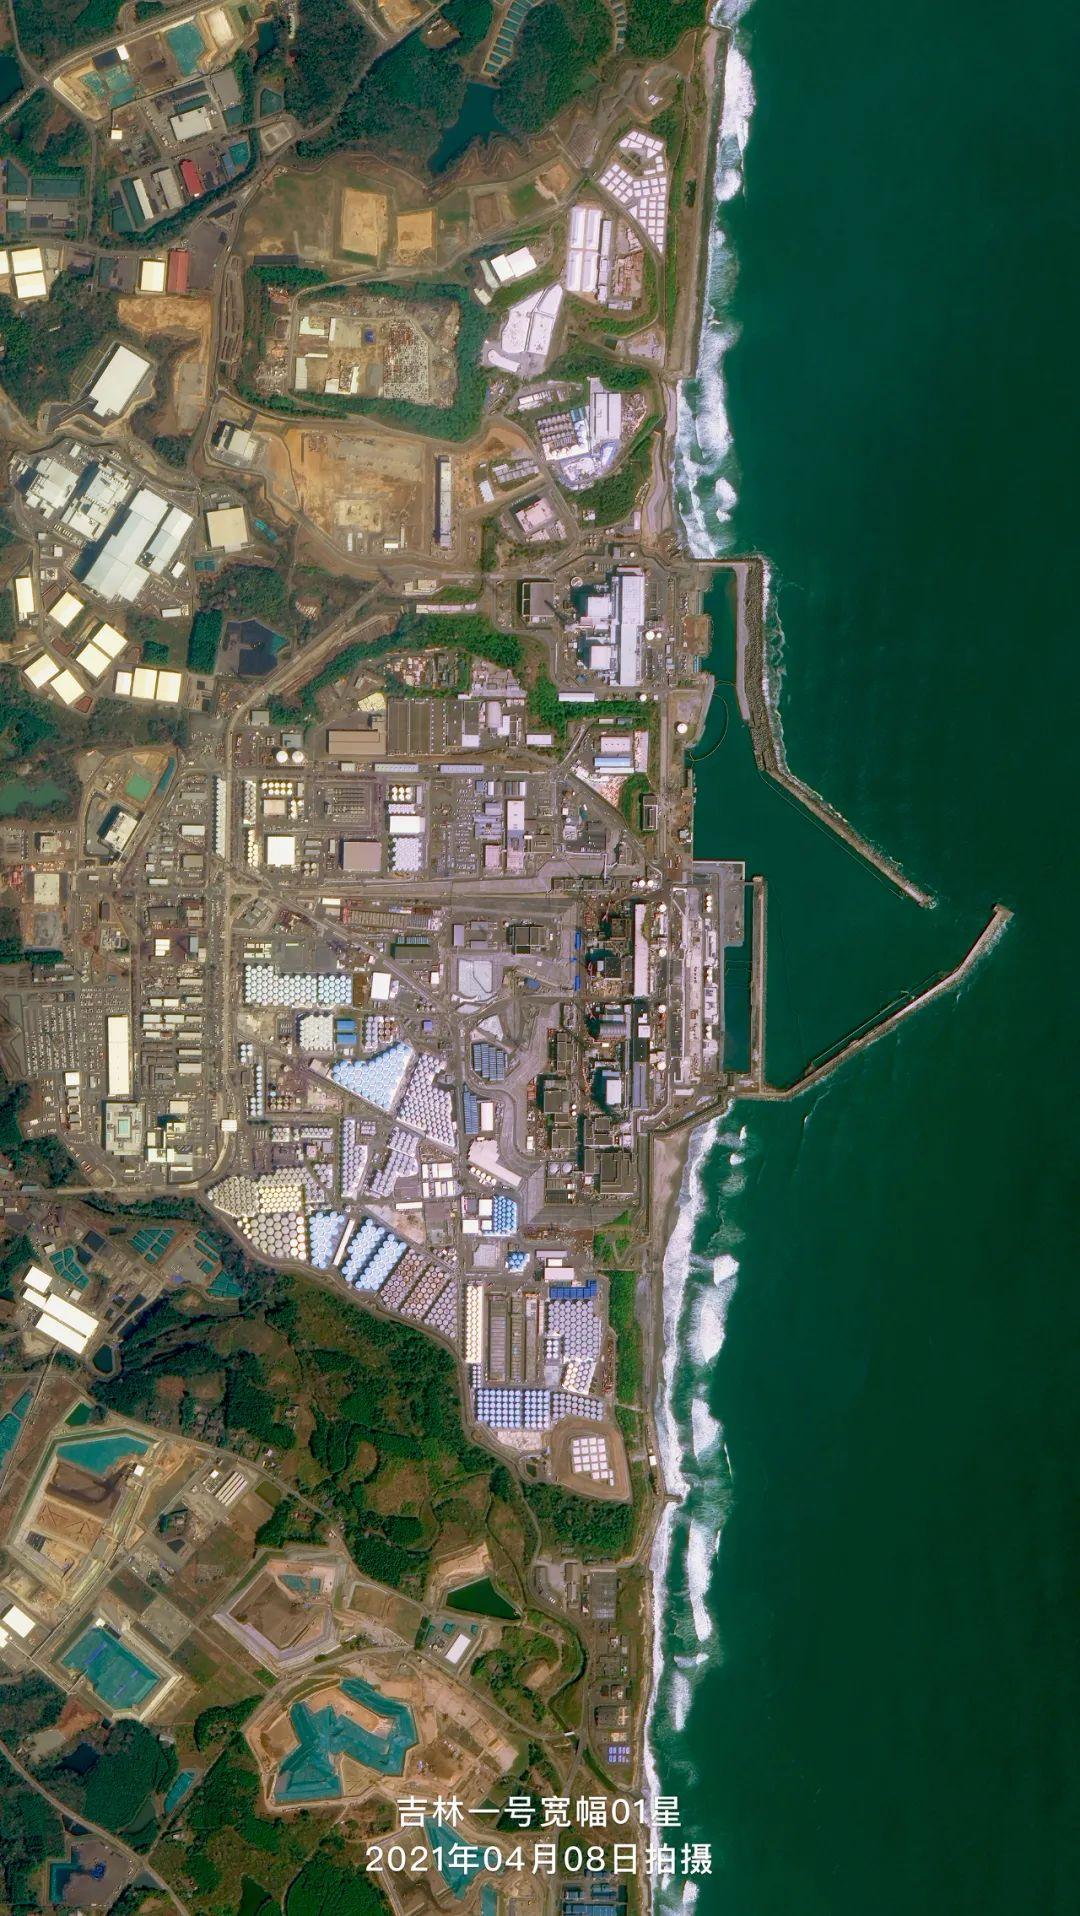 图:日本福岛第一核电站